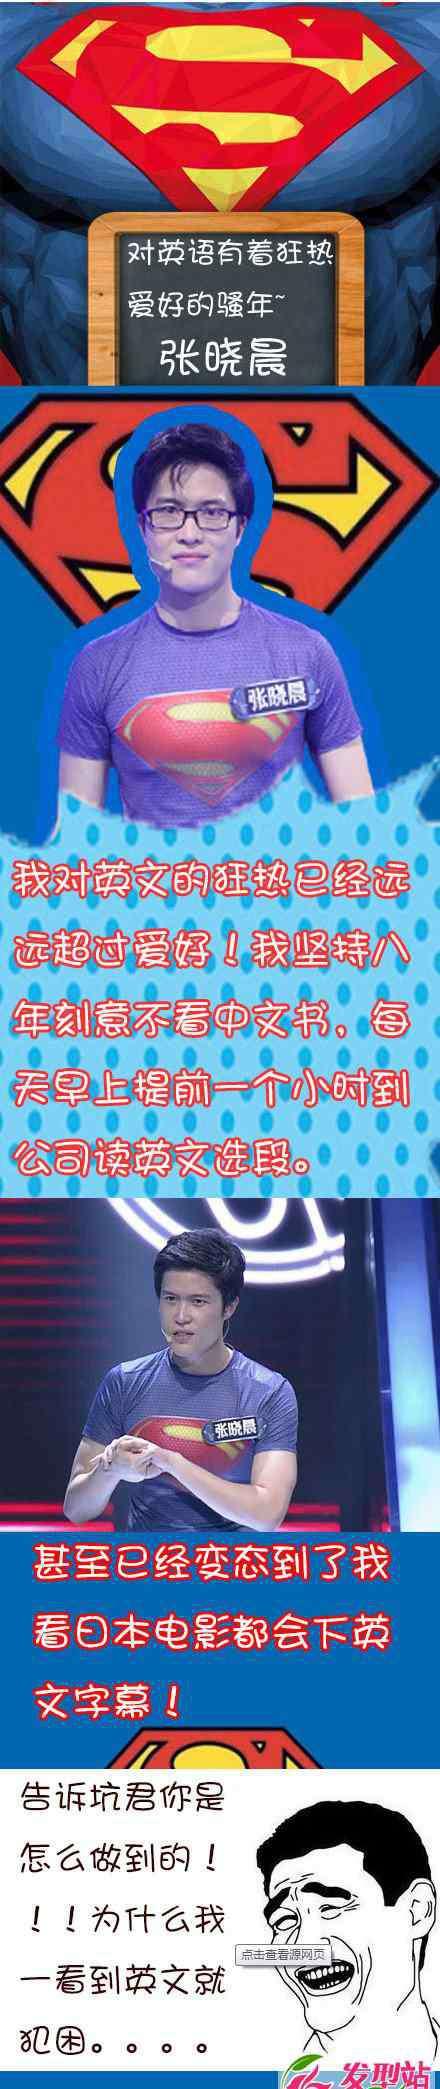 张晓晨的毕业院校 一站到底张晓晨个人资料微博 华东政法大学张晓晨qq|照片